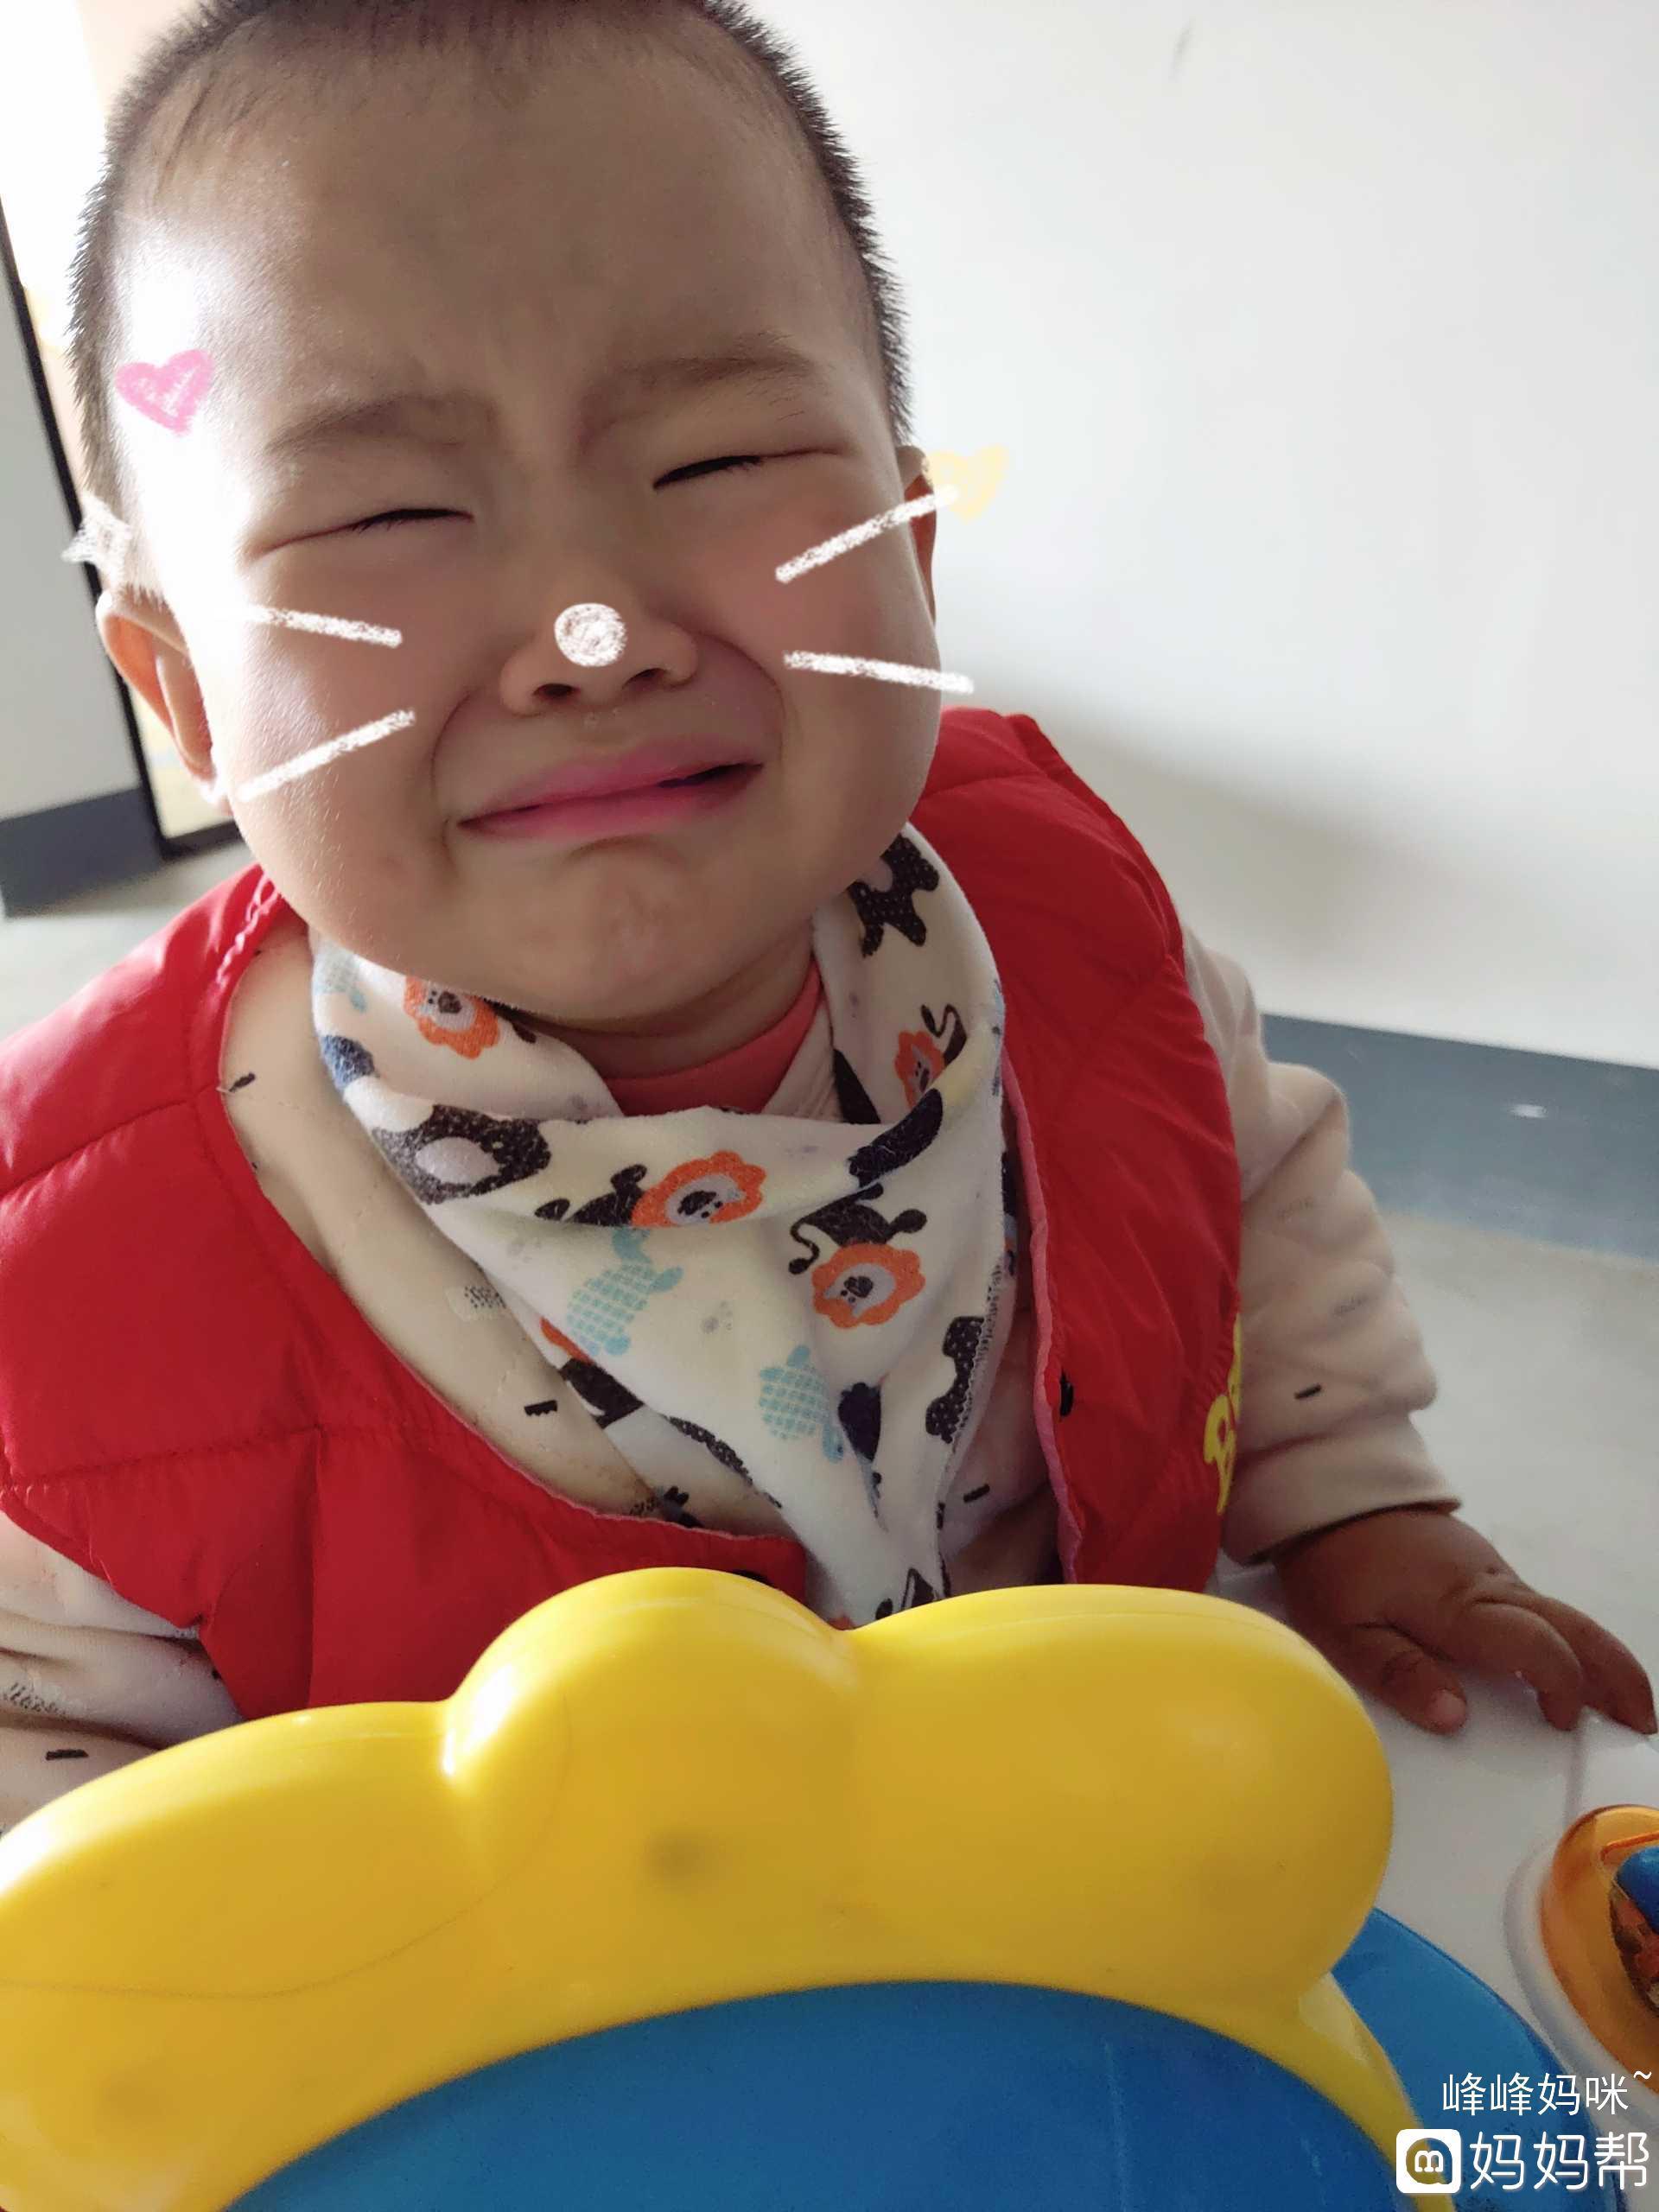 可爱小孩大哭动态